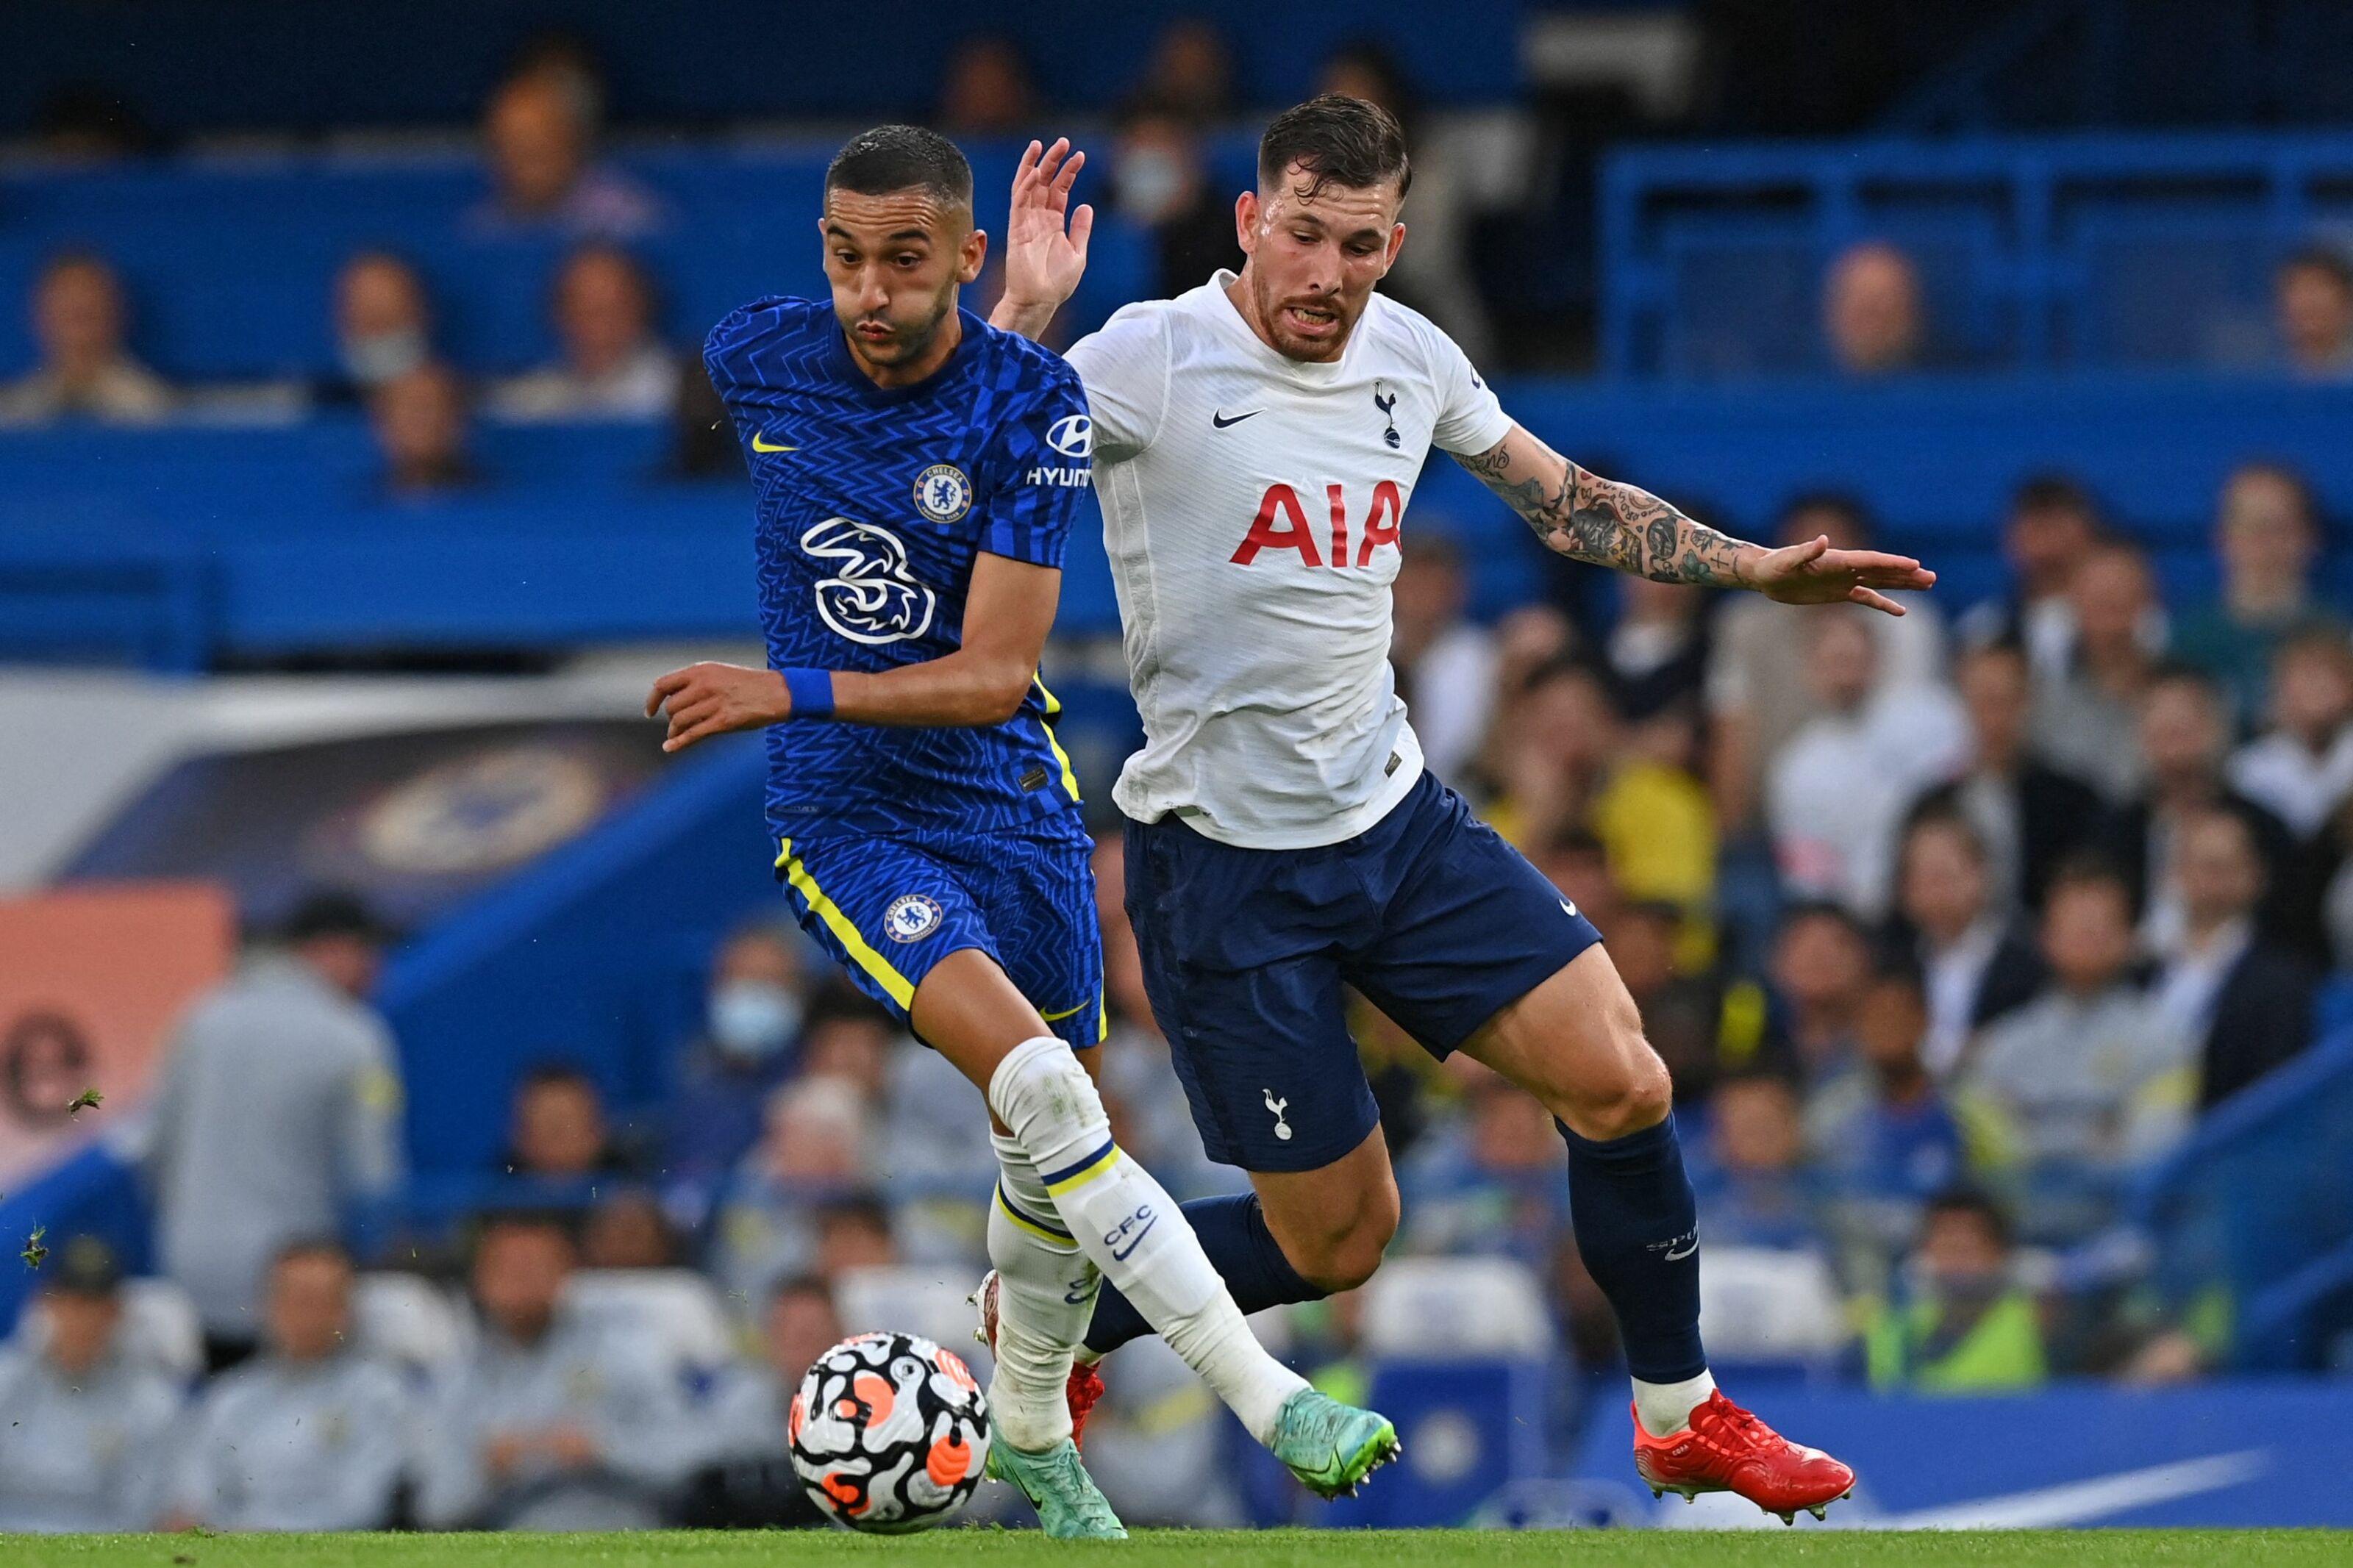 Tottenham vs Chelsea EN VIVO en la Premier League: el partido más importante de la semana mientras Chelsea busca ir a la cima de la tabla, transmisión en vivo de Spurs vs Chelsea, siga las actualizaciones en vivo